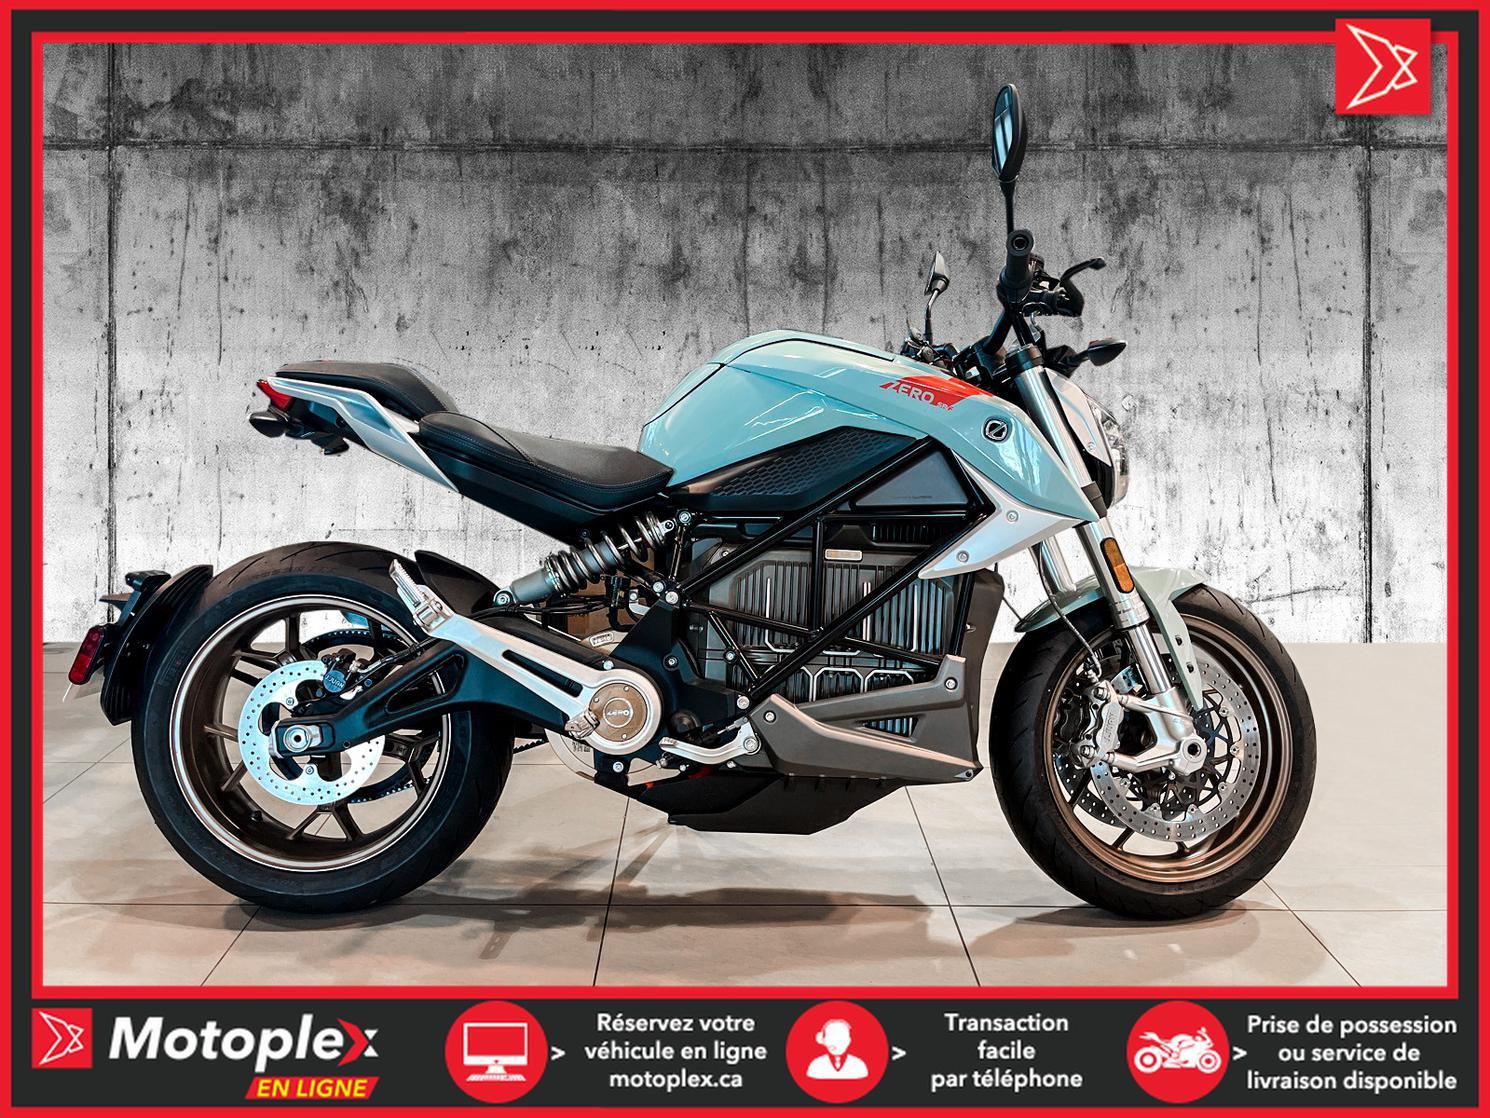 2020 Zero Motorcycles Moto électrique - SR/F Premium